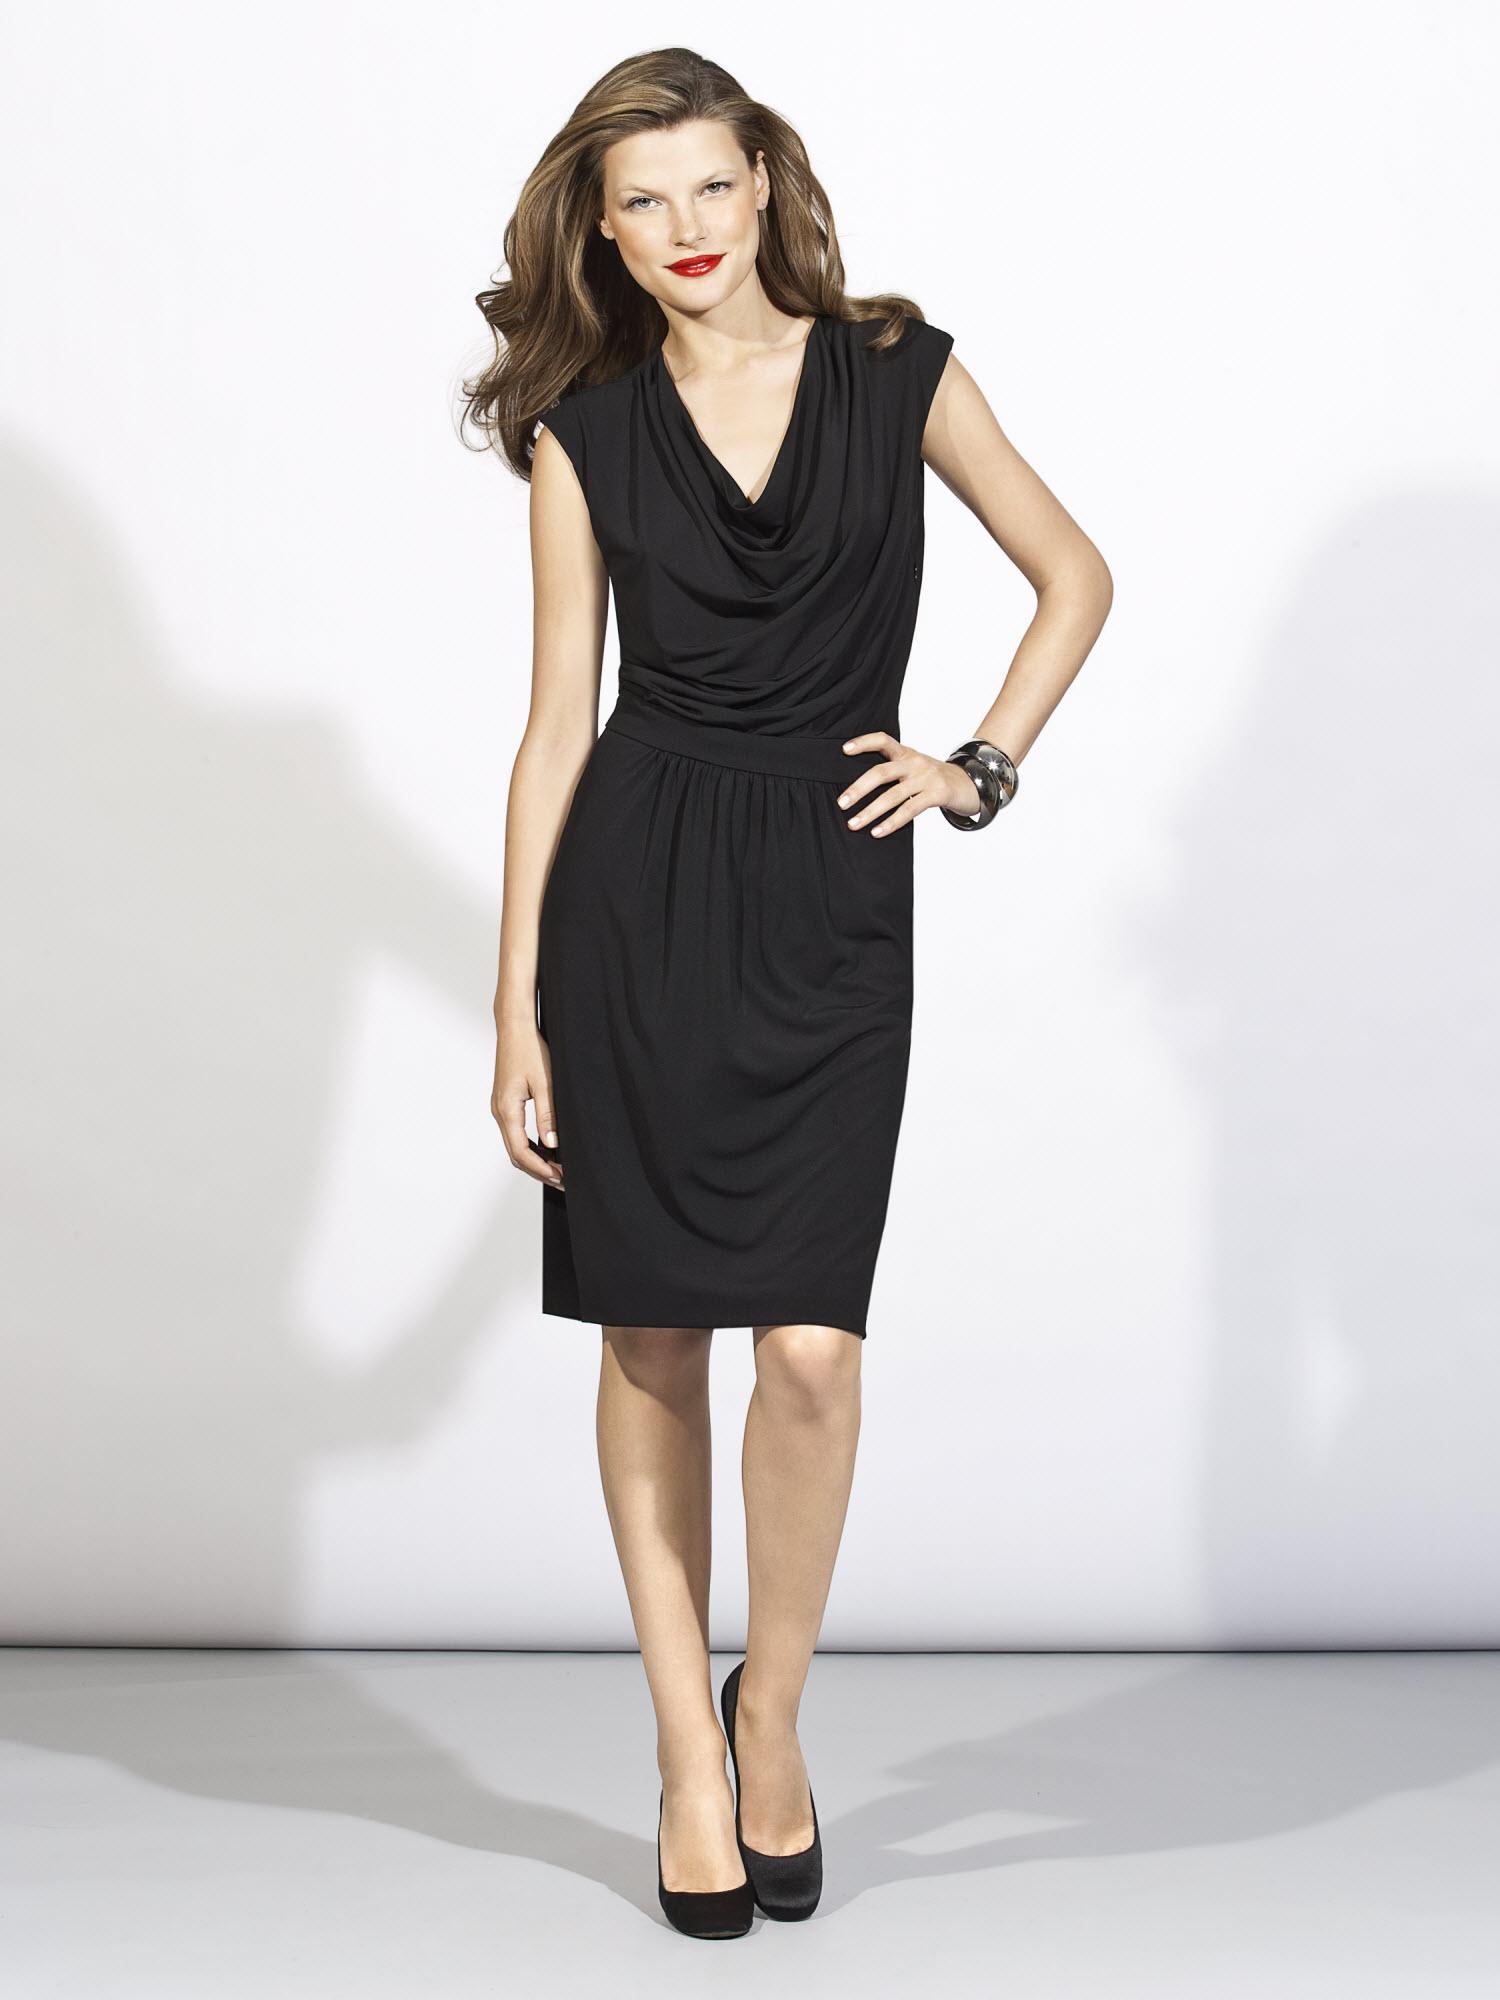 Black V Neck Dress | Dress images